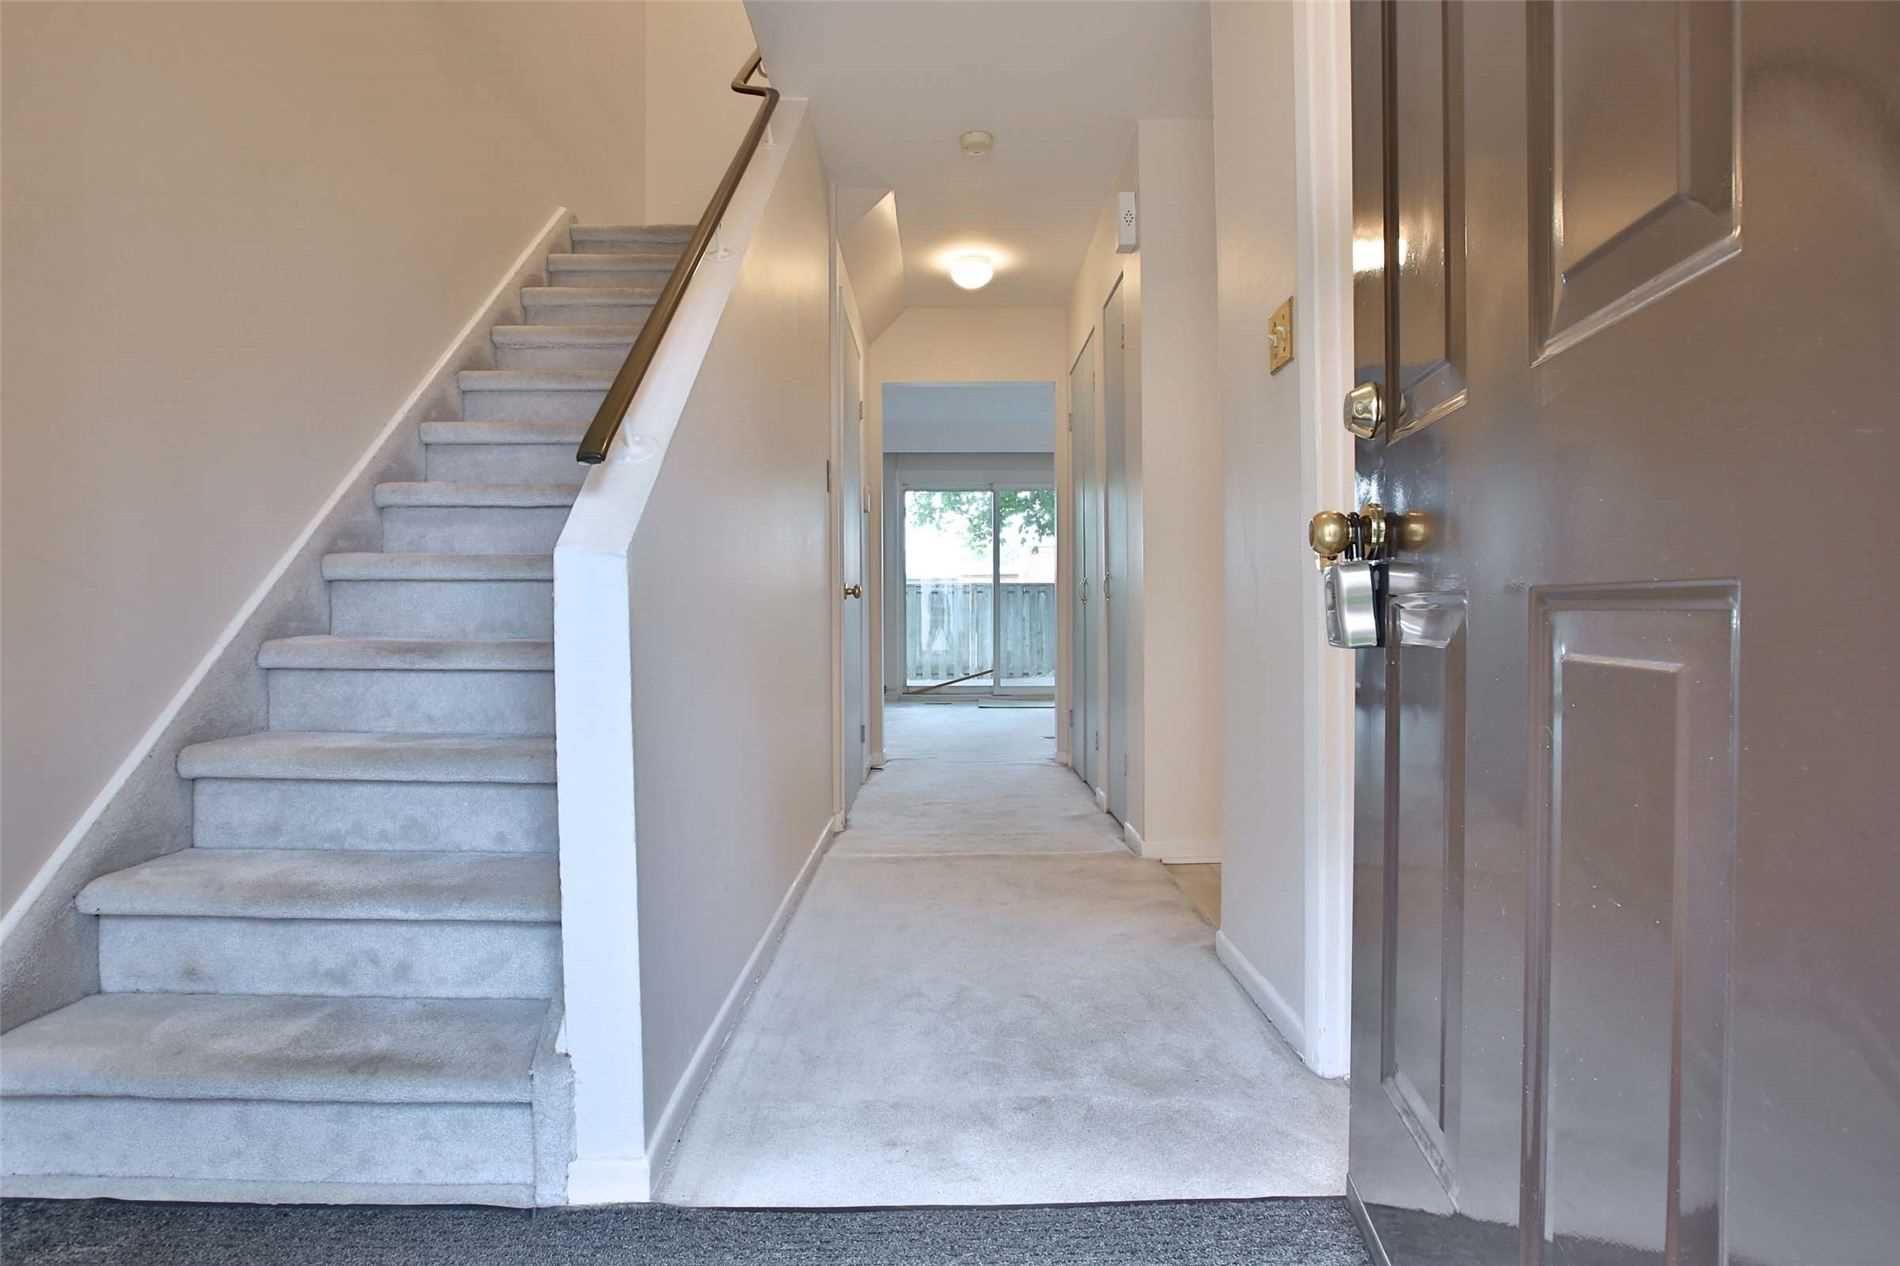 Photo 3: Photos: 8 695 Birchmount Road in Toronto: Kennedy Park Condo for sale (Toronto E04)  : MLS®# E4600623